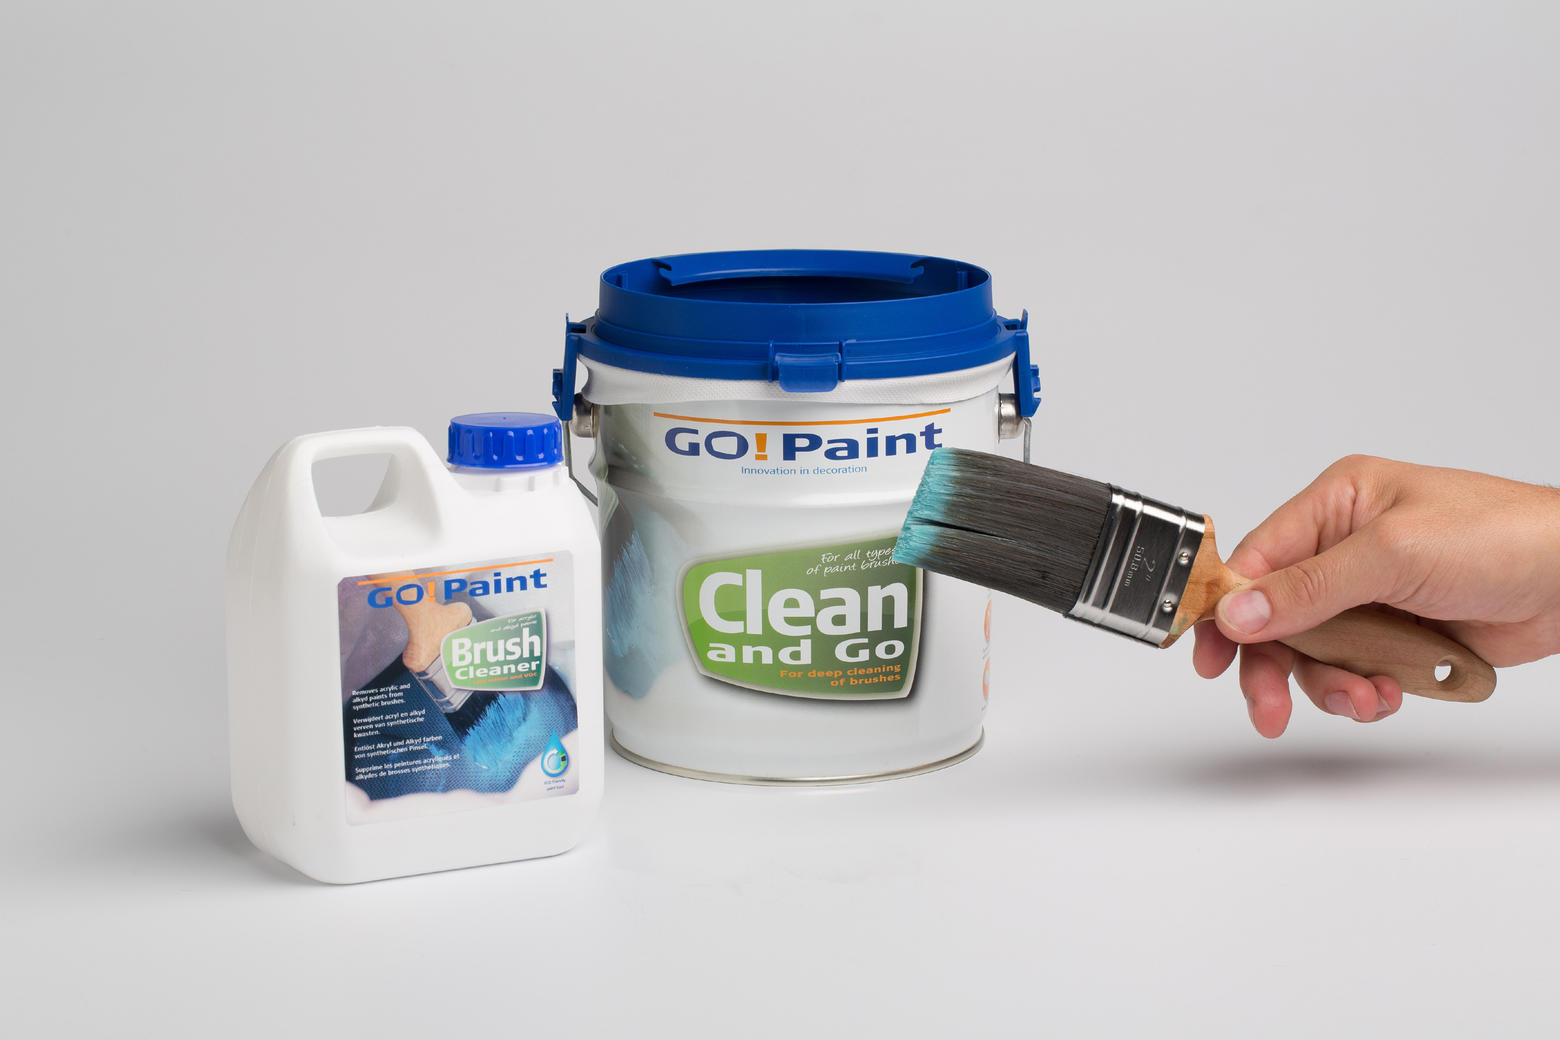 Brush Cleaner donne les meilleurs résultats combiné avec le Clean and Go.